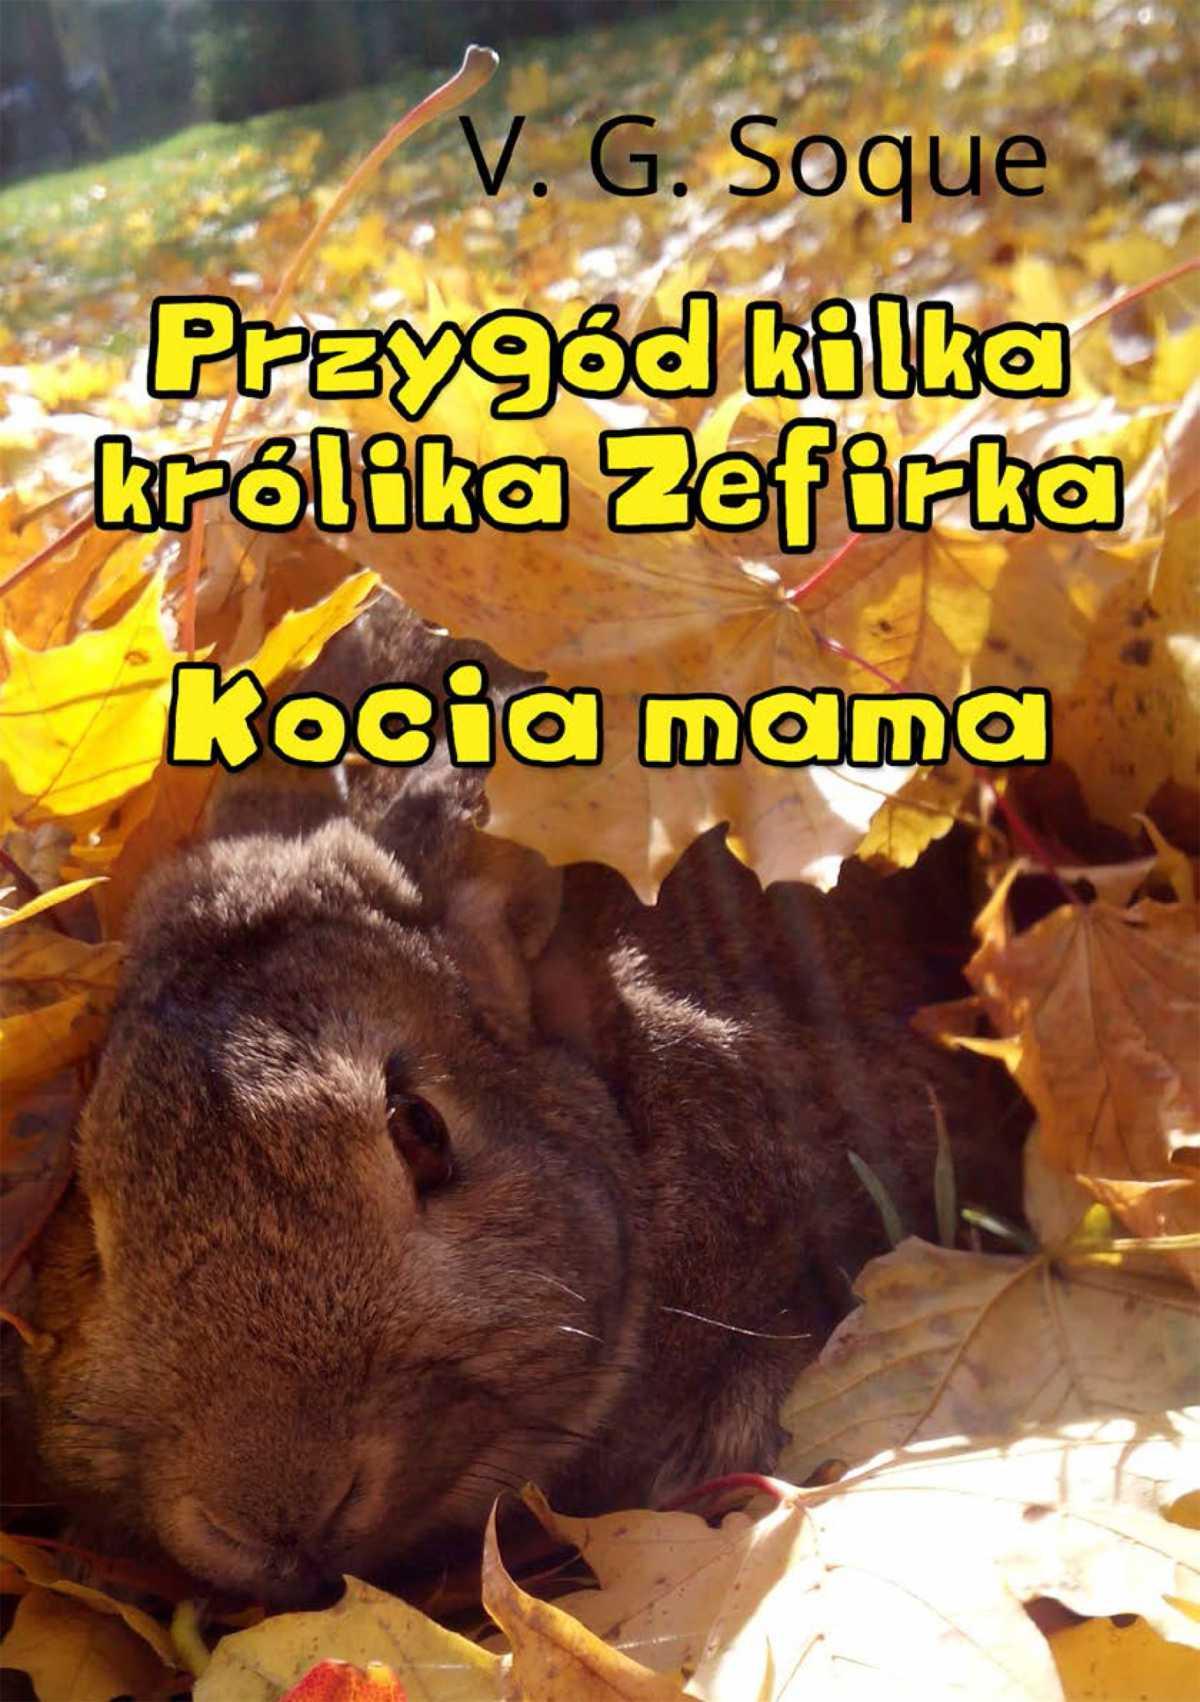 Przygód kilka królika Zefirka. Kocia mama - Ebook (Książka EPUB) do pobrania w formacie EPUB